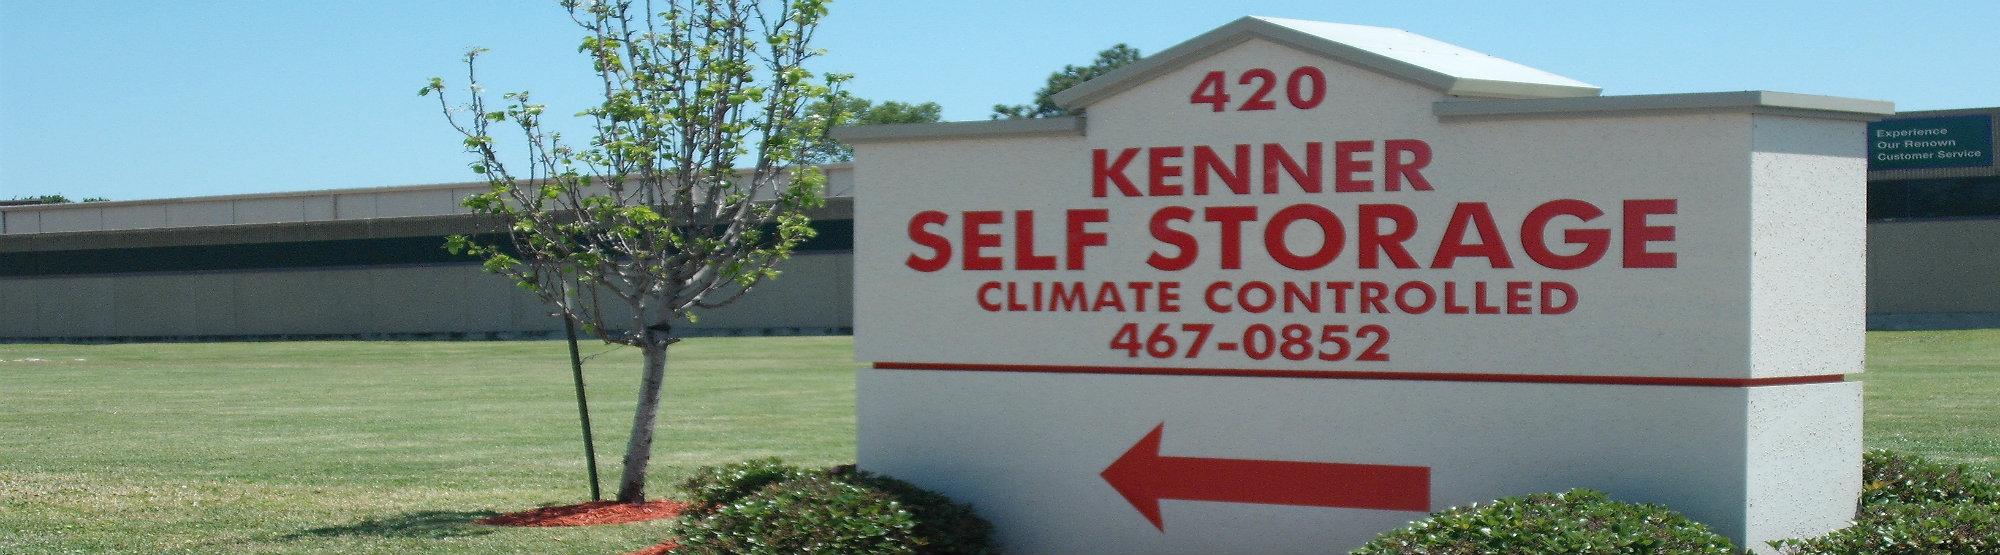 Kenner Self Storage